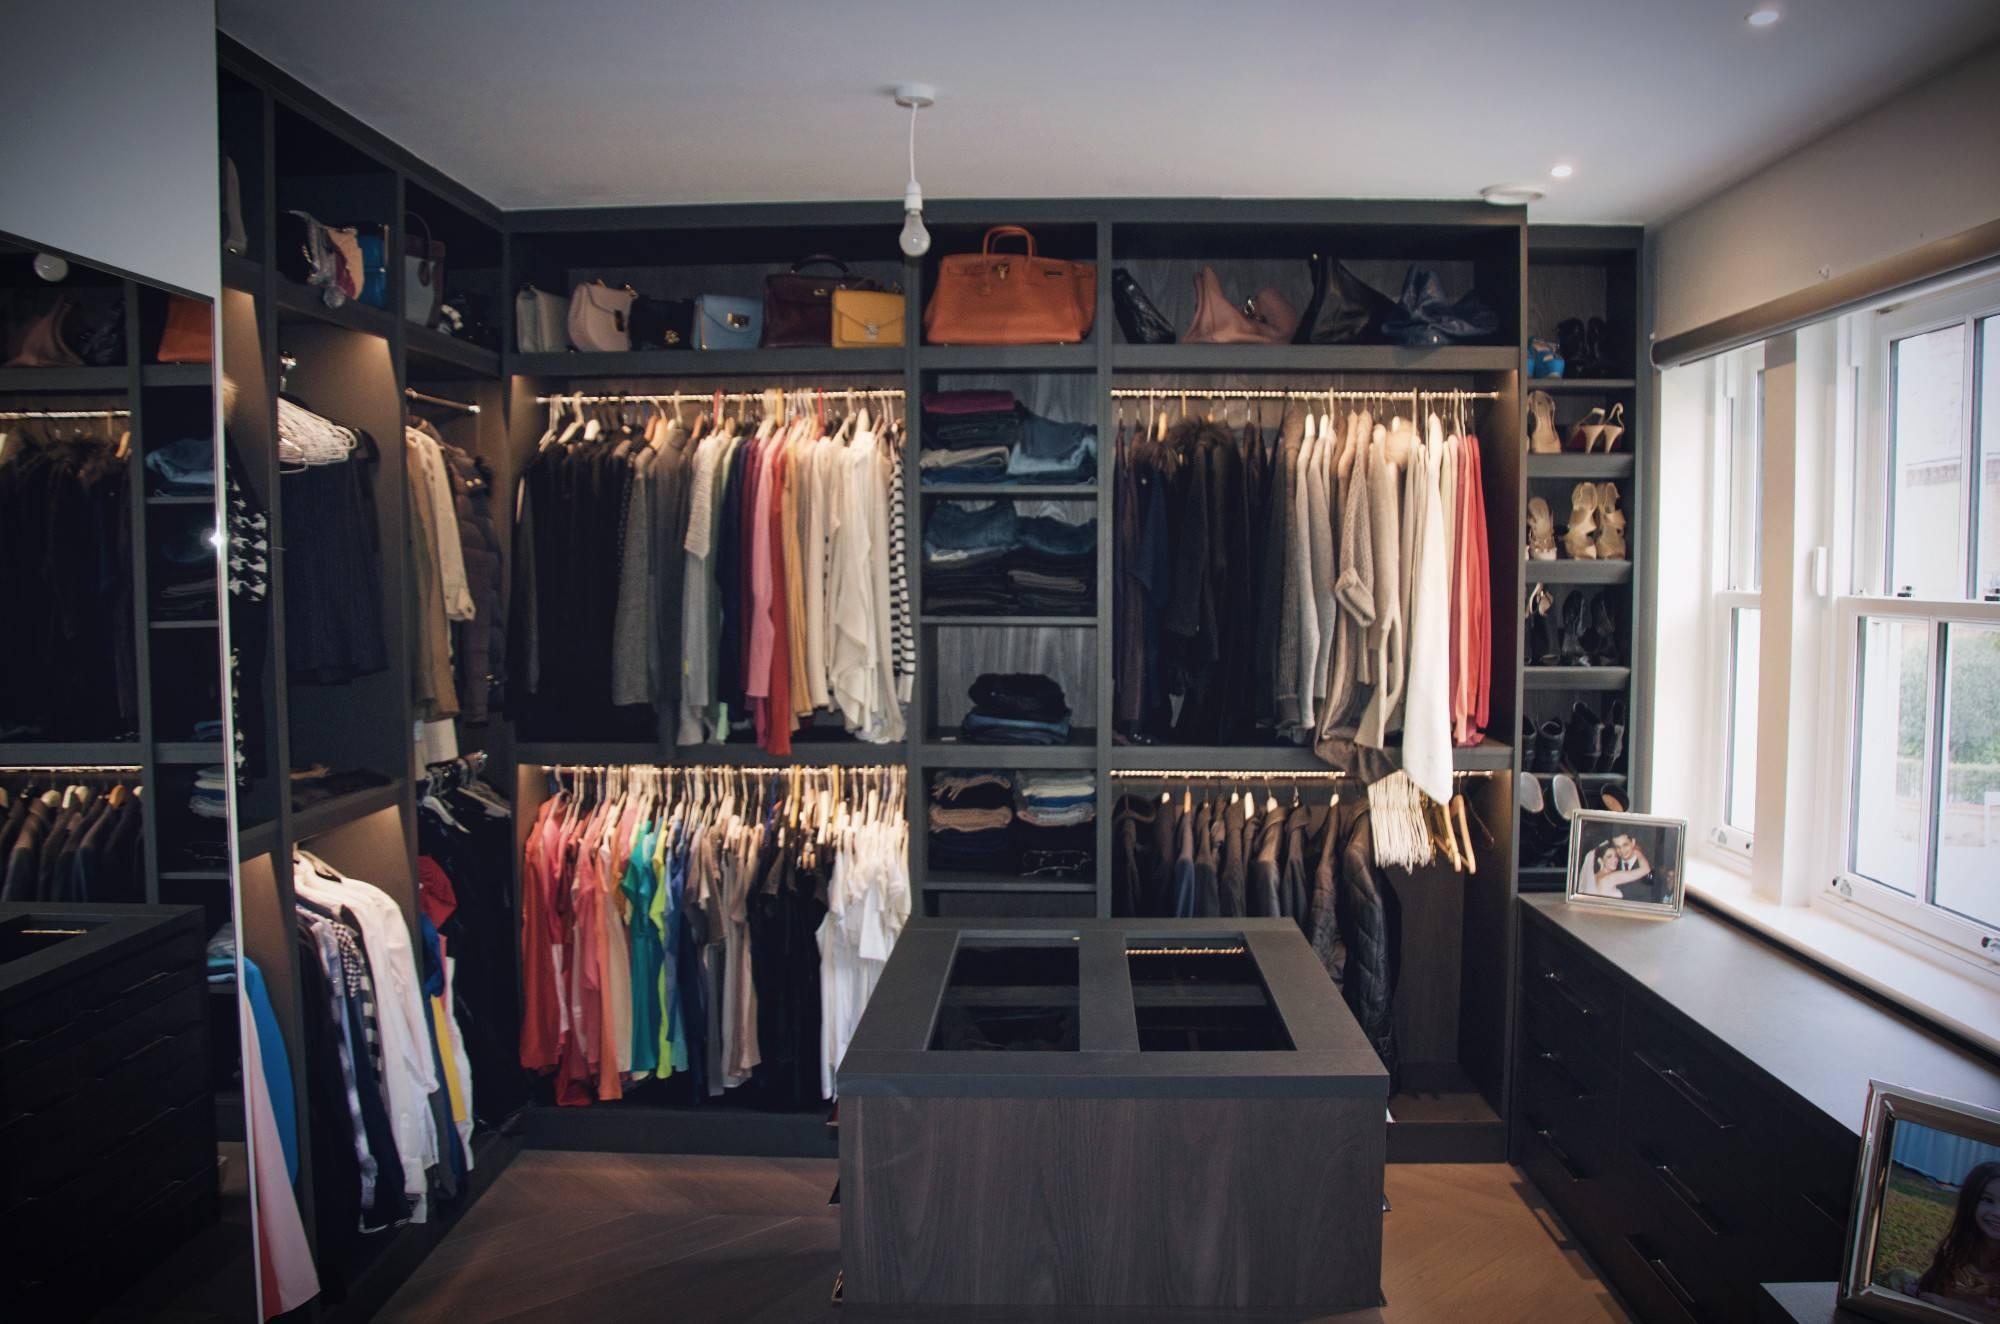 Walk In Wardrobes Design And Ideas, Walk In Closet Interiors throughout Dark Wardrobes (Image 25 of 30)